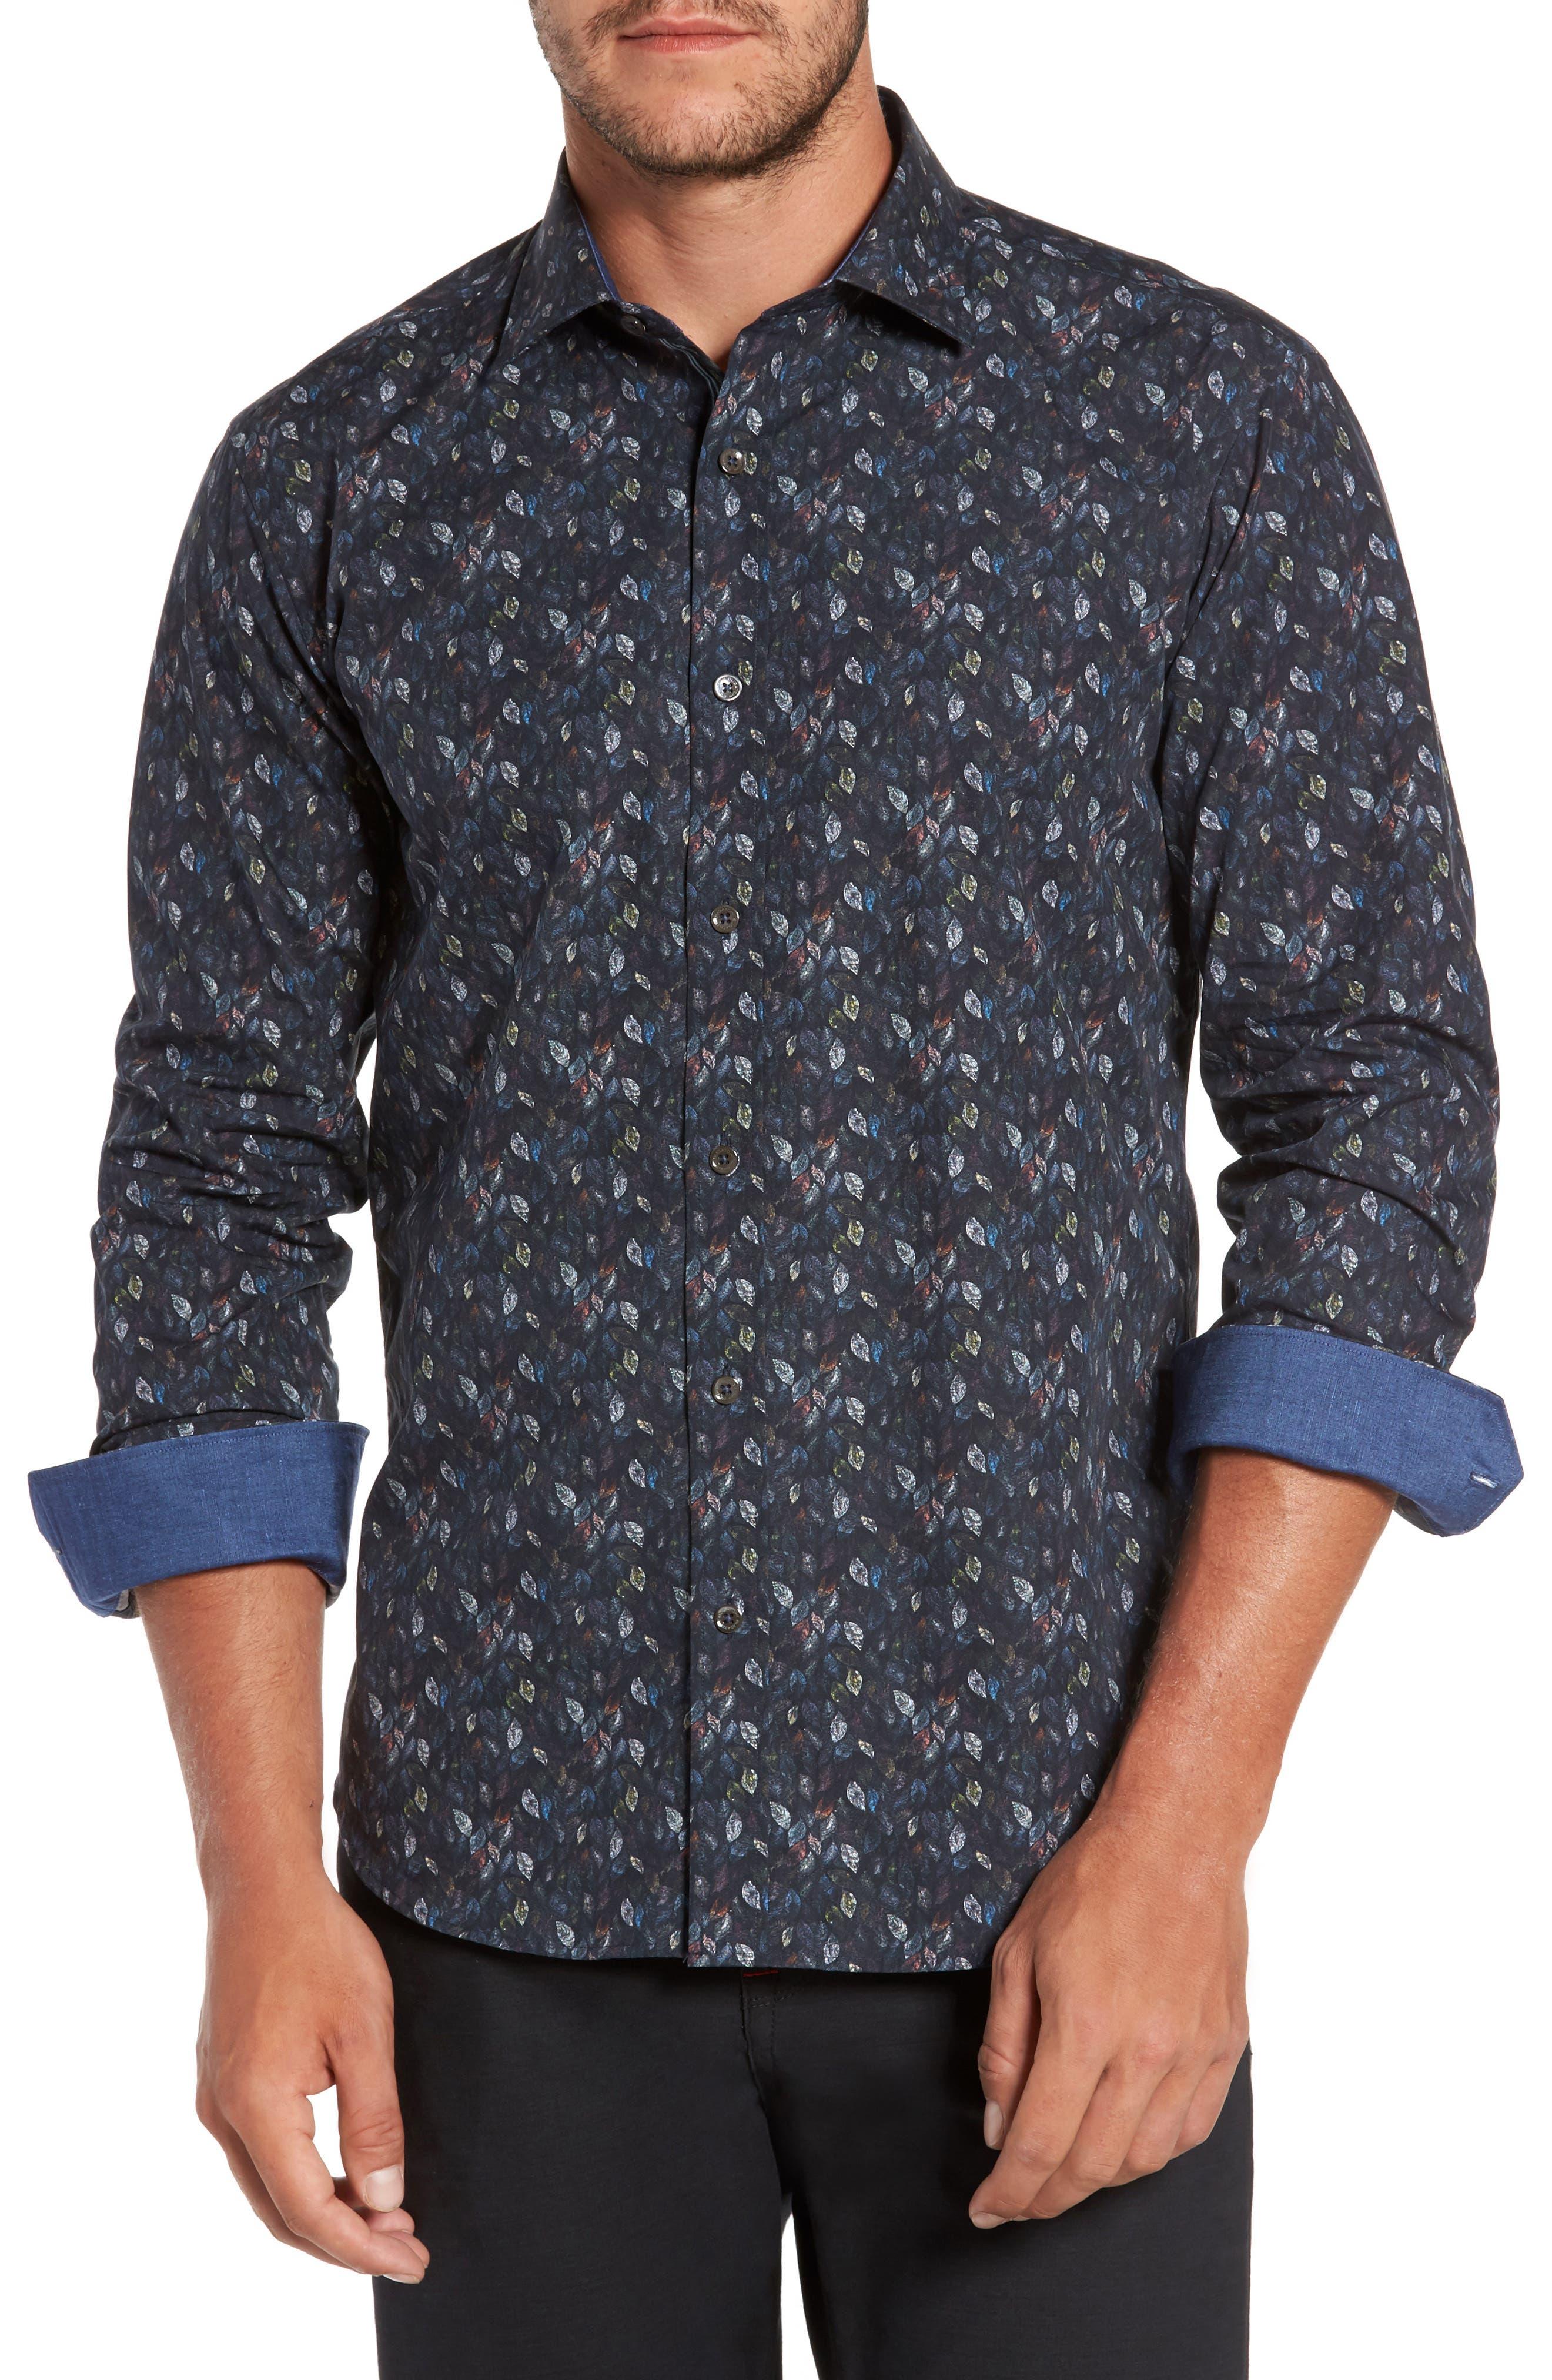 Alternate Image 1 Selected - Bugatchi Trim Fit Leaf Print Sport Shirt